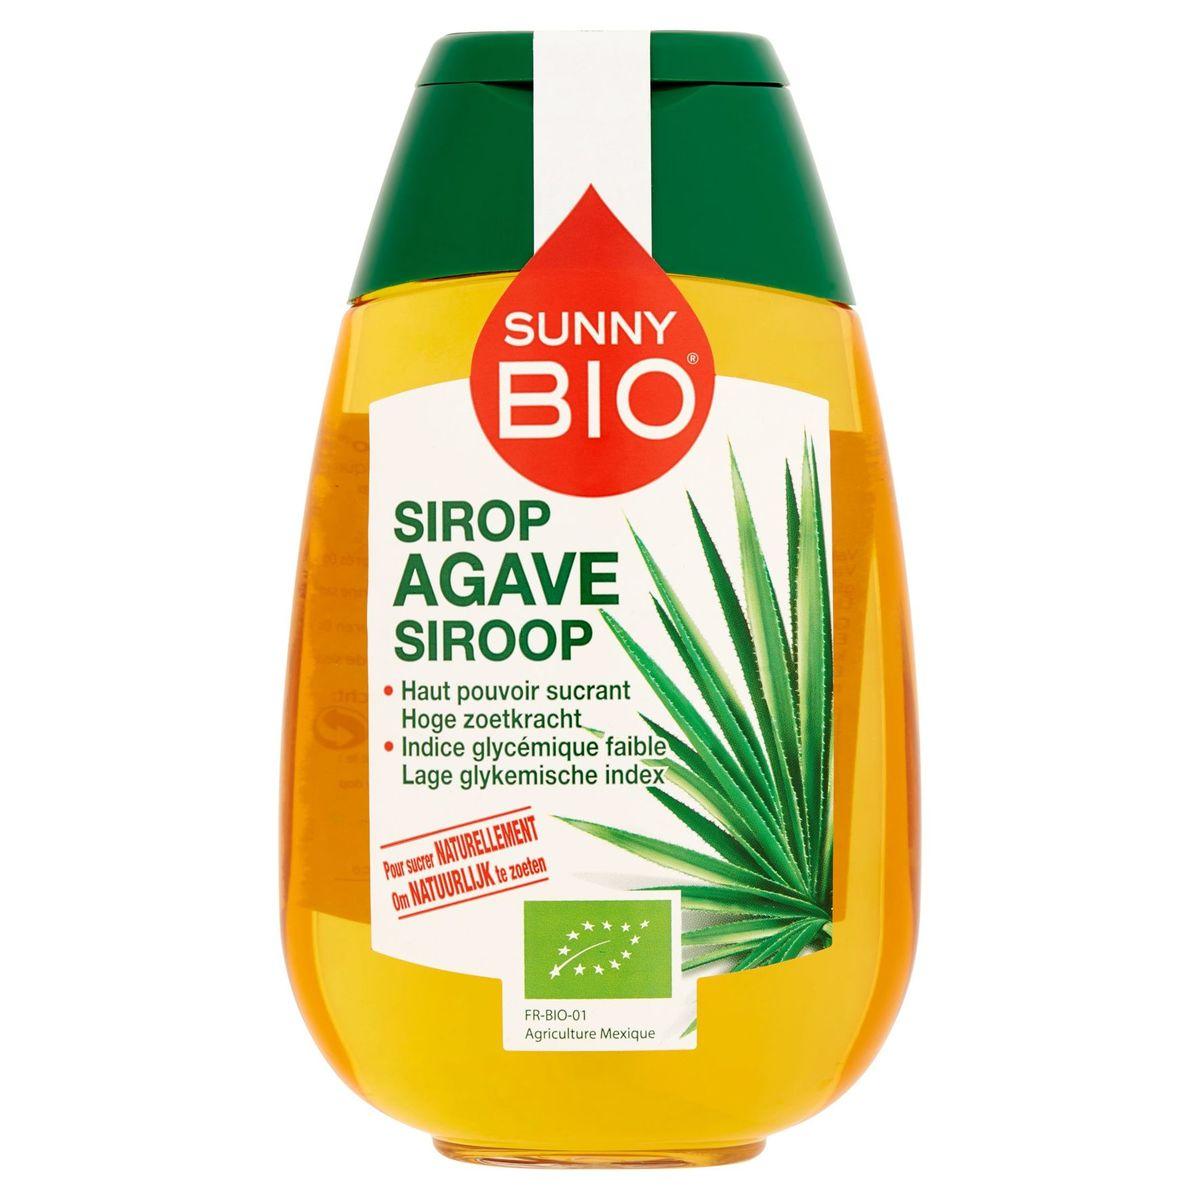 Sunny Bio Sirop Agave 500 g